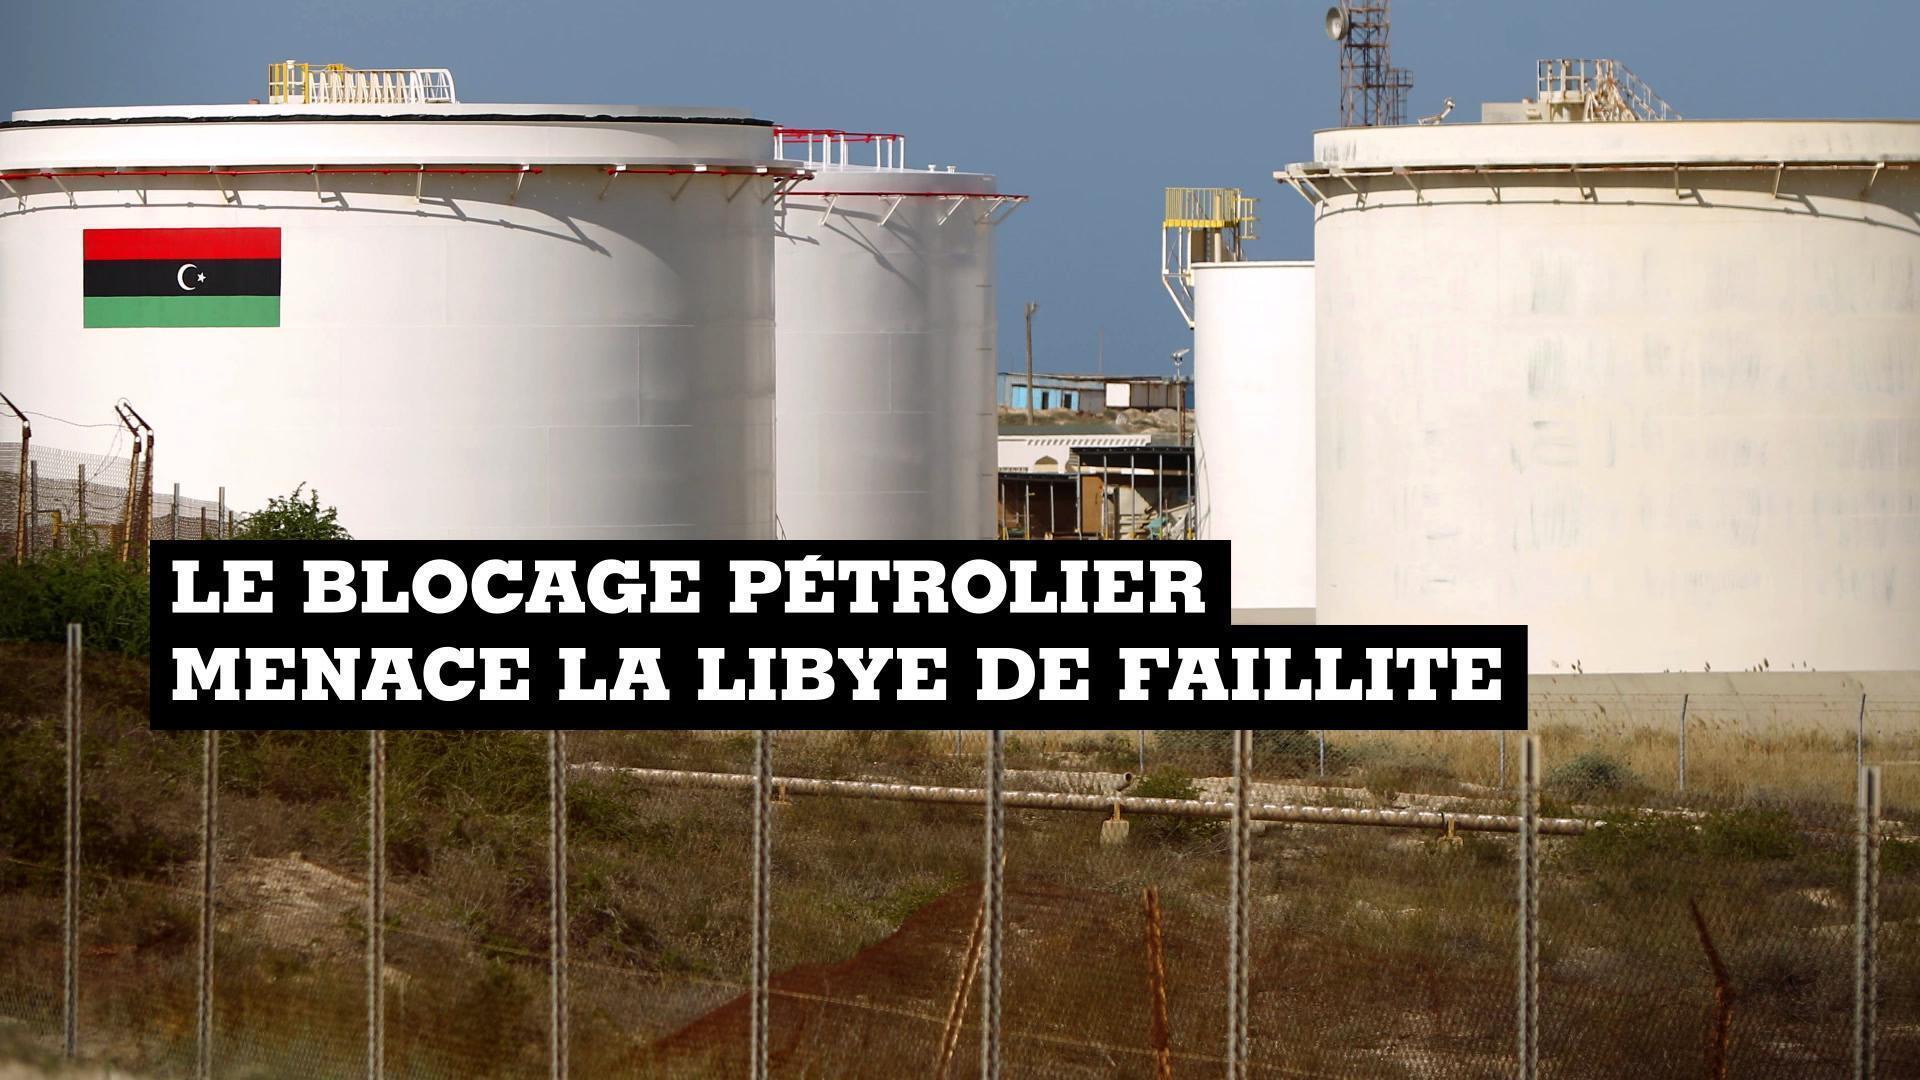 Le maréchal dissident Khalifa Haftar a ordonné le blocage des terminaux pétroliers